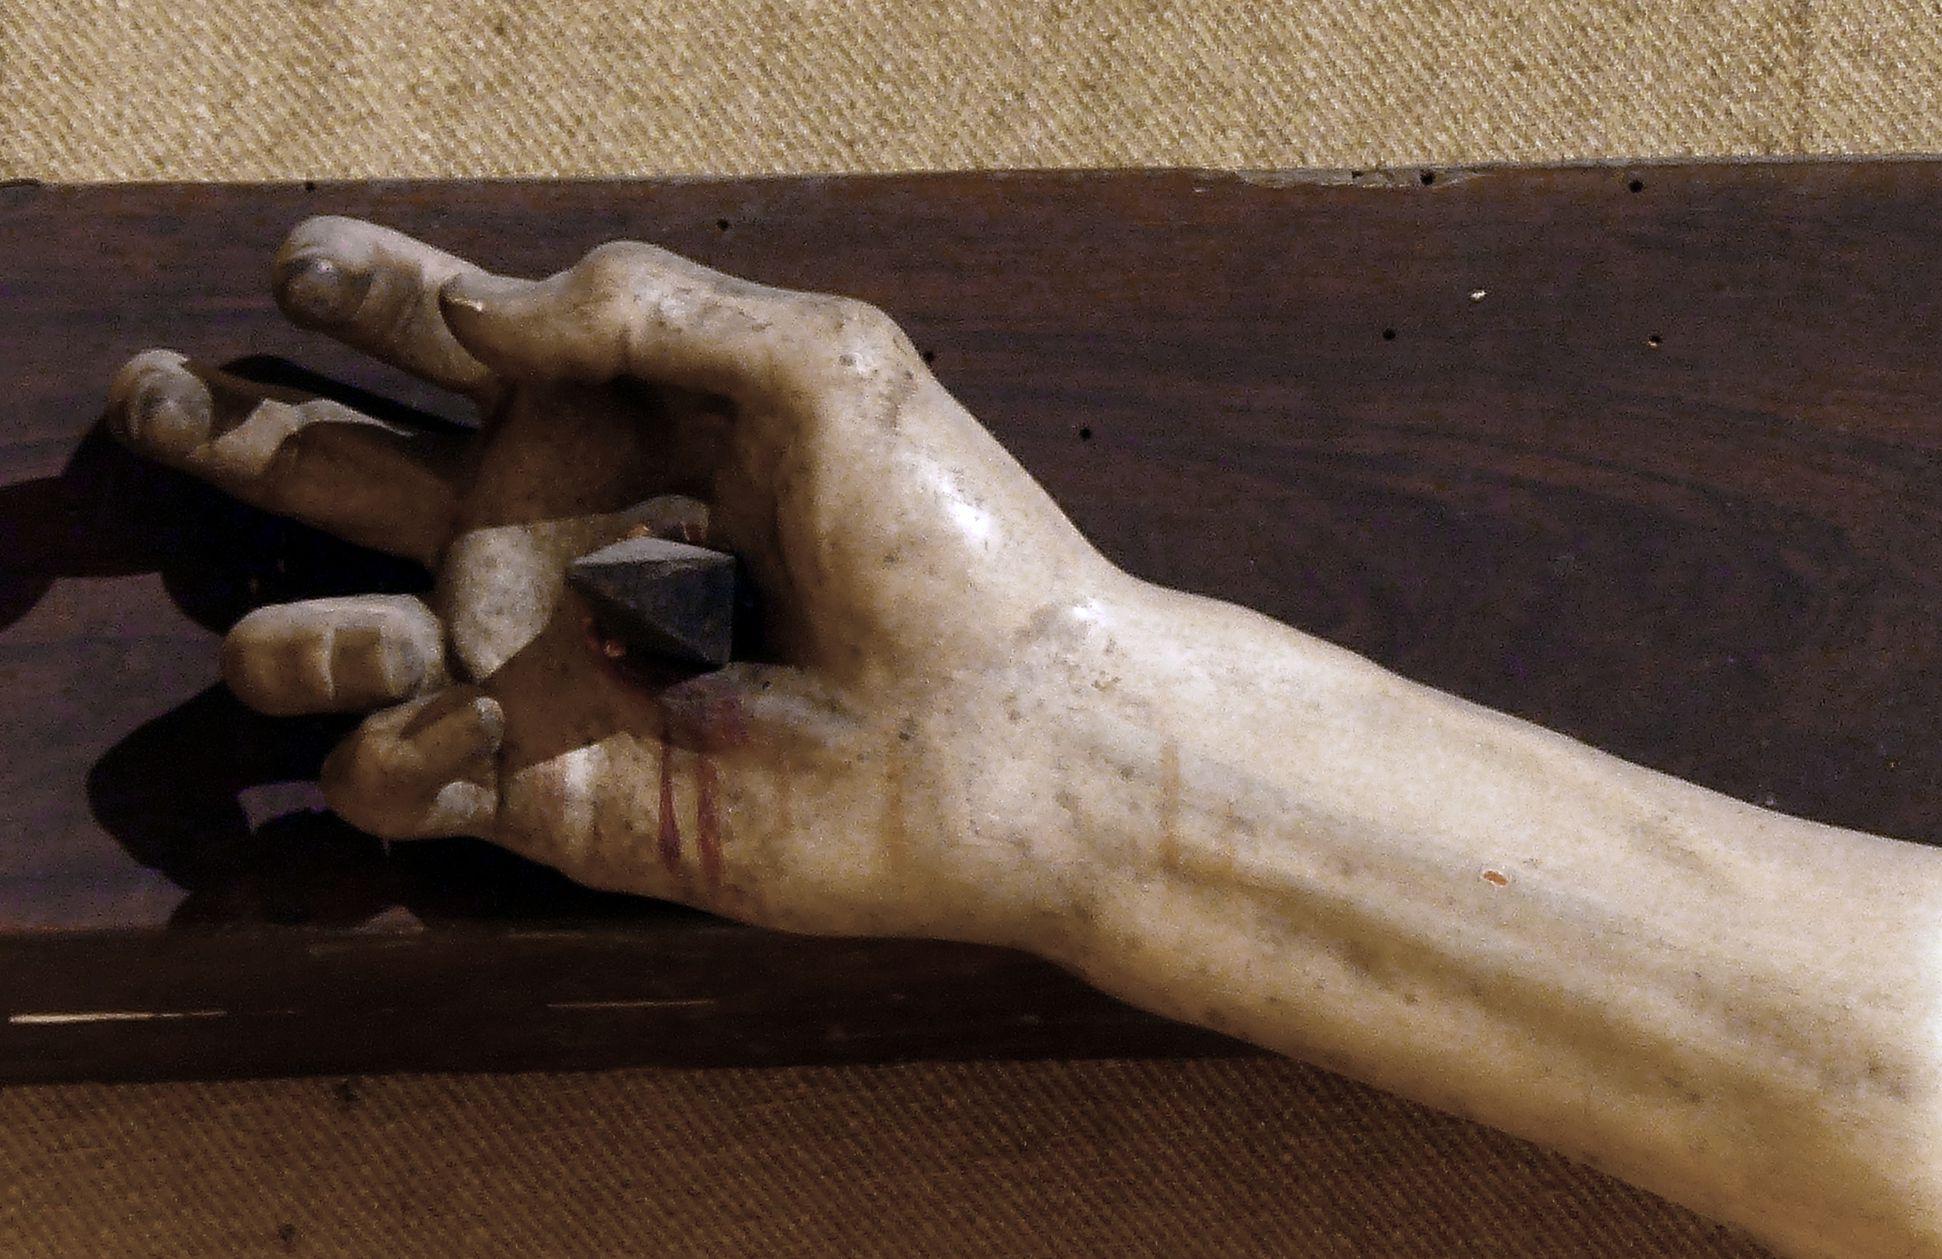 Kruzifixus Vom Nagel durchbohrte rechte Hand Jesu